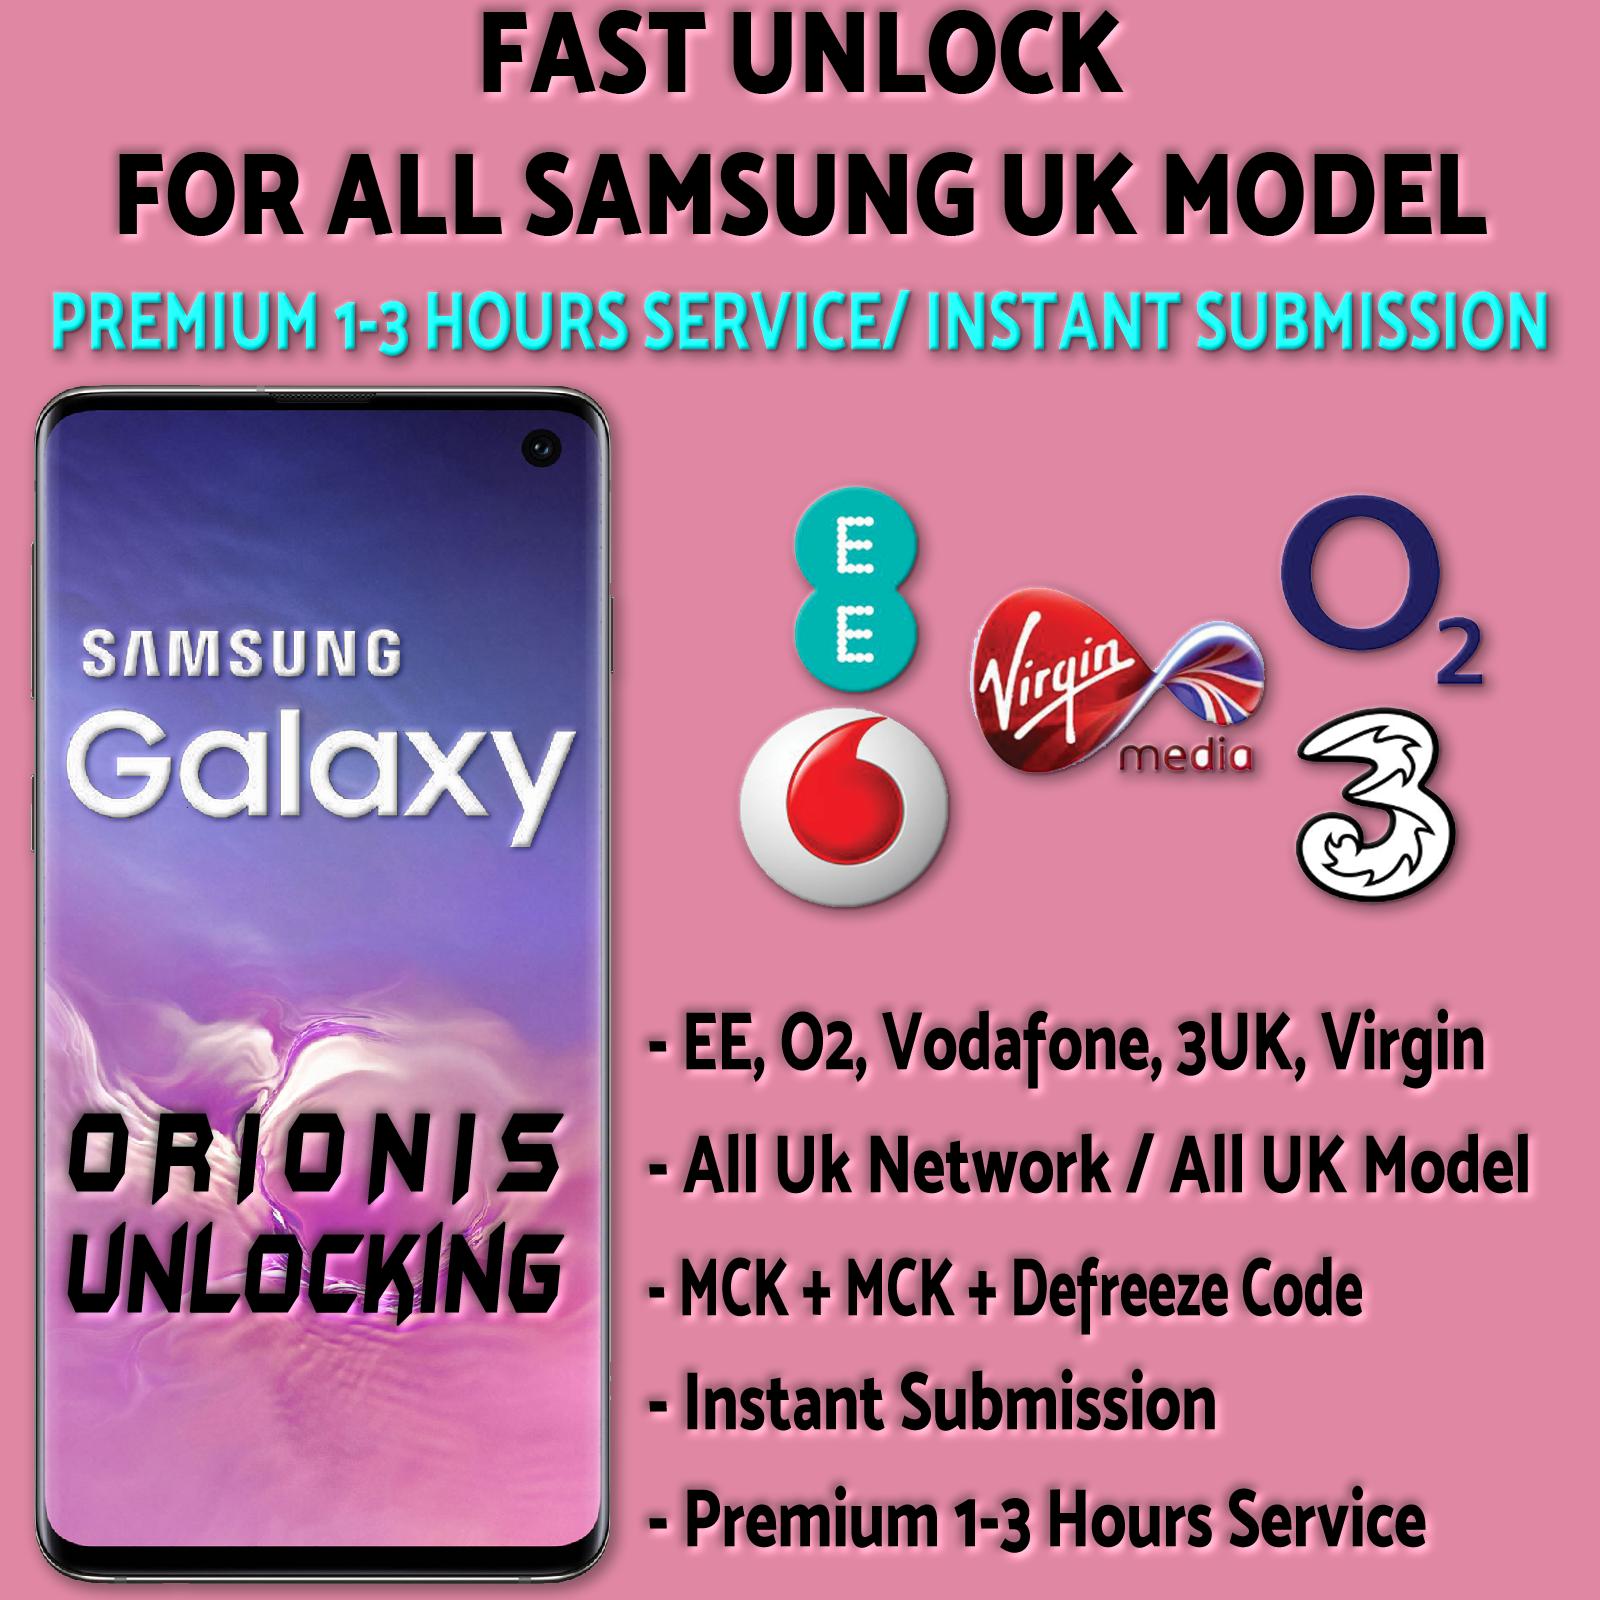 Samsung UK Unlock Code (1-3 hrs)